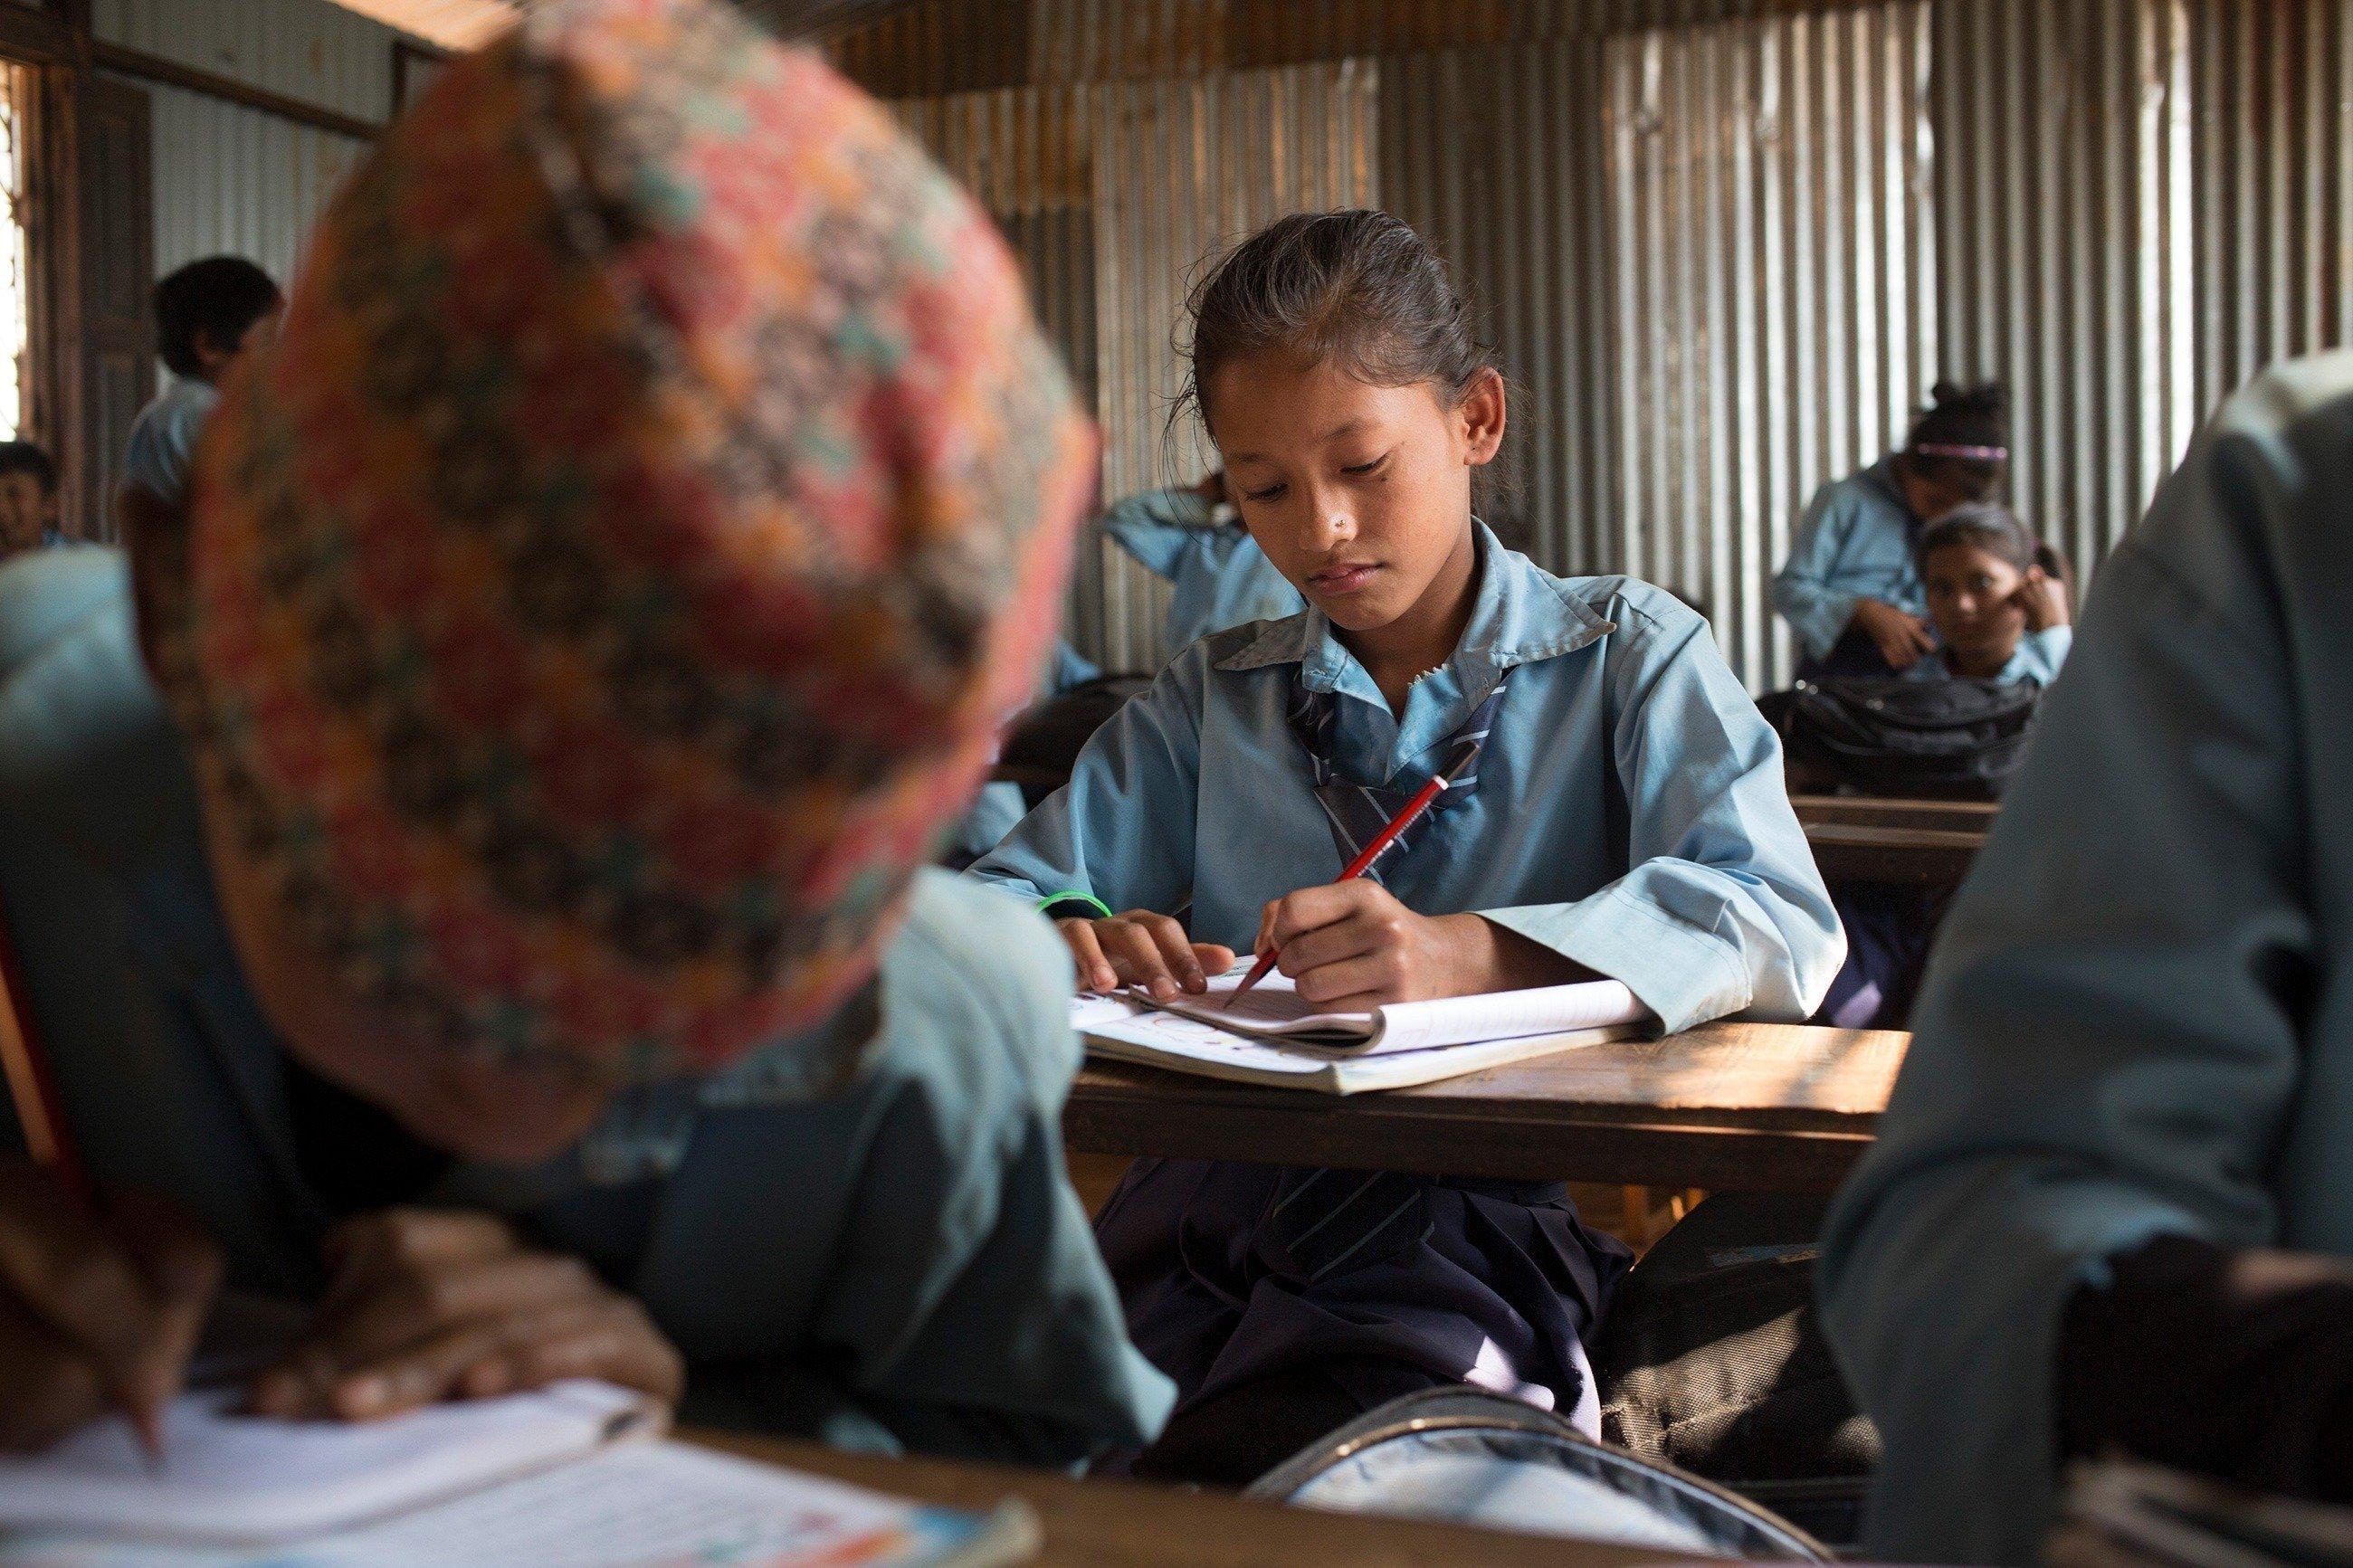 Une fillette à l'école en train d'écrire.